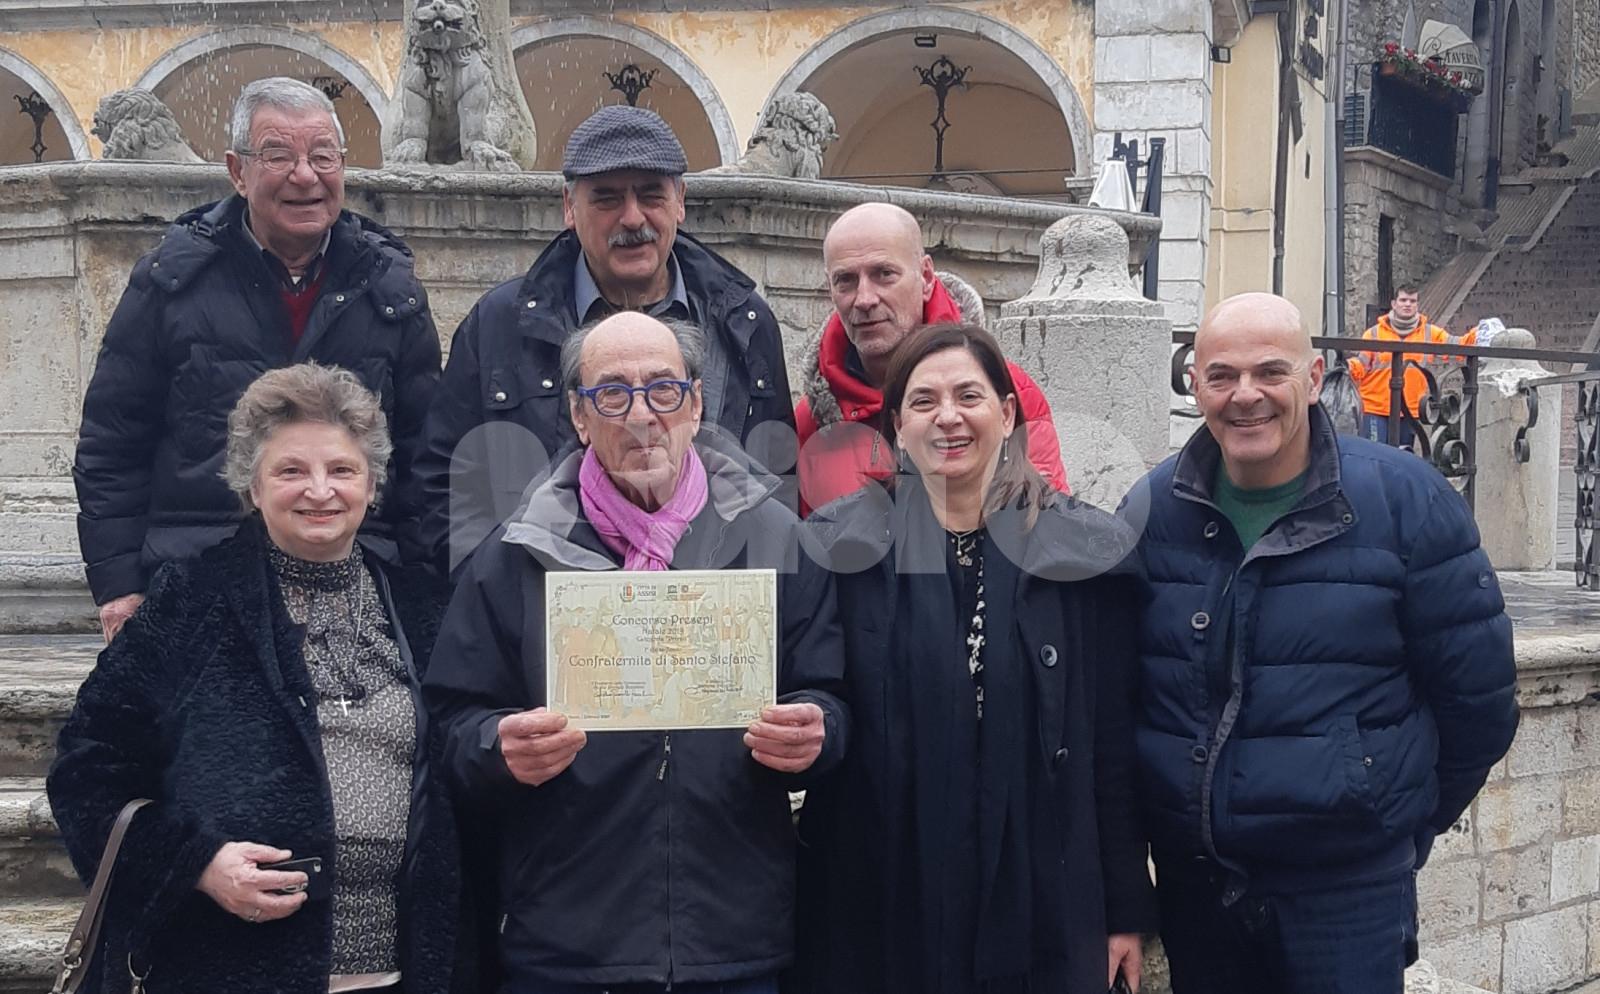 Concorso presepi 2019 ad Assisi, i vincitori premiati in Comune (foto)